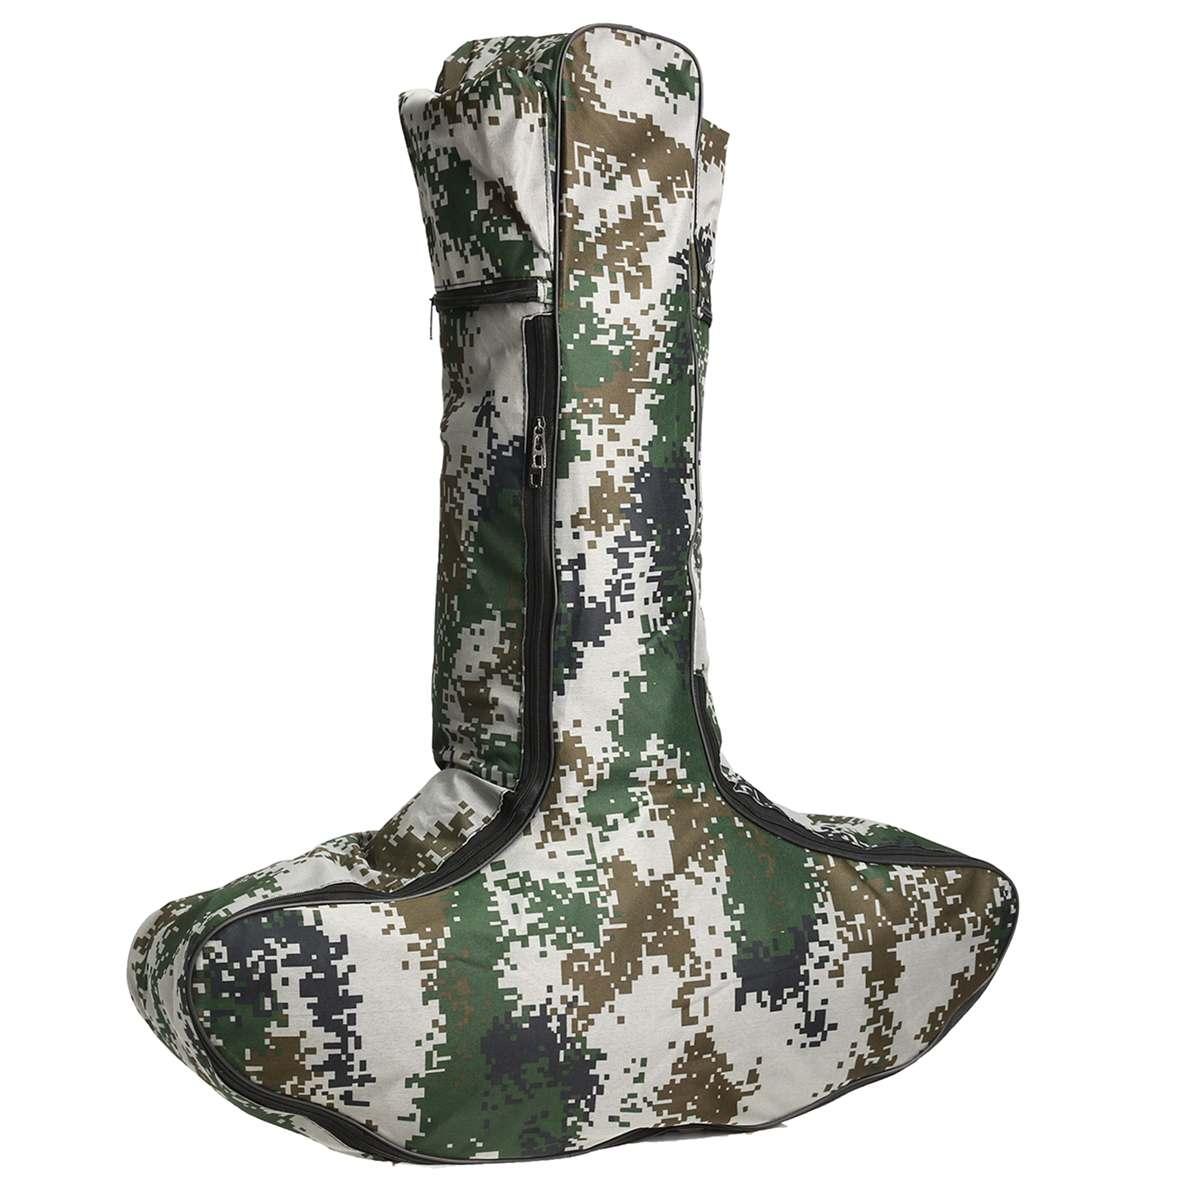 US $16.33 5% СКИДКА|90x70 см Открытый камуфляж y крест лук сумка Легкий вес лук военный чехол для хранения охотничьи спортивные развлекательные аксессуары|Лук и стрела| |  - AliExpress